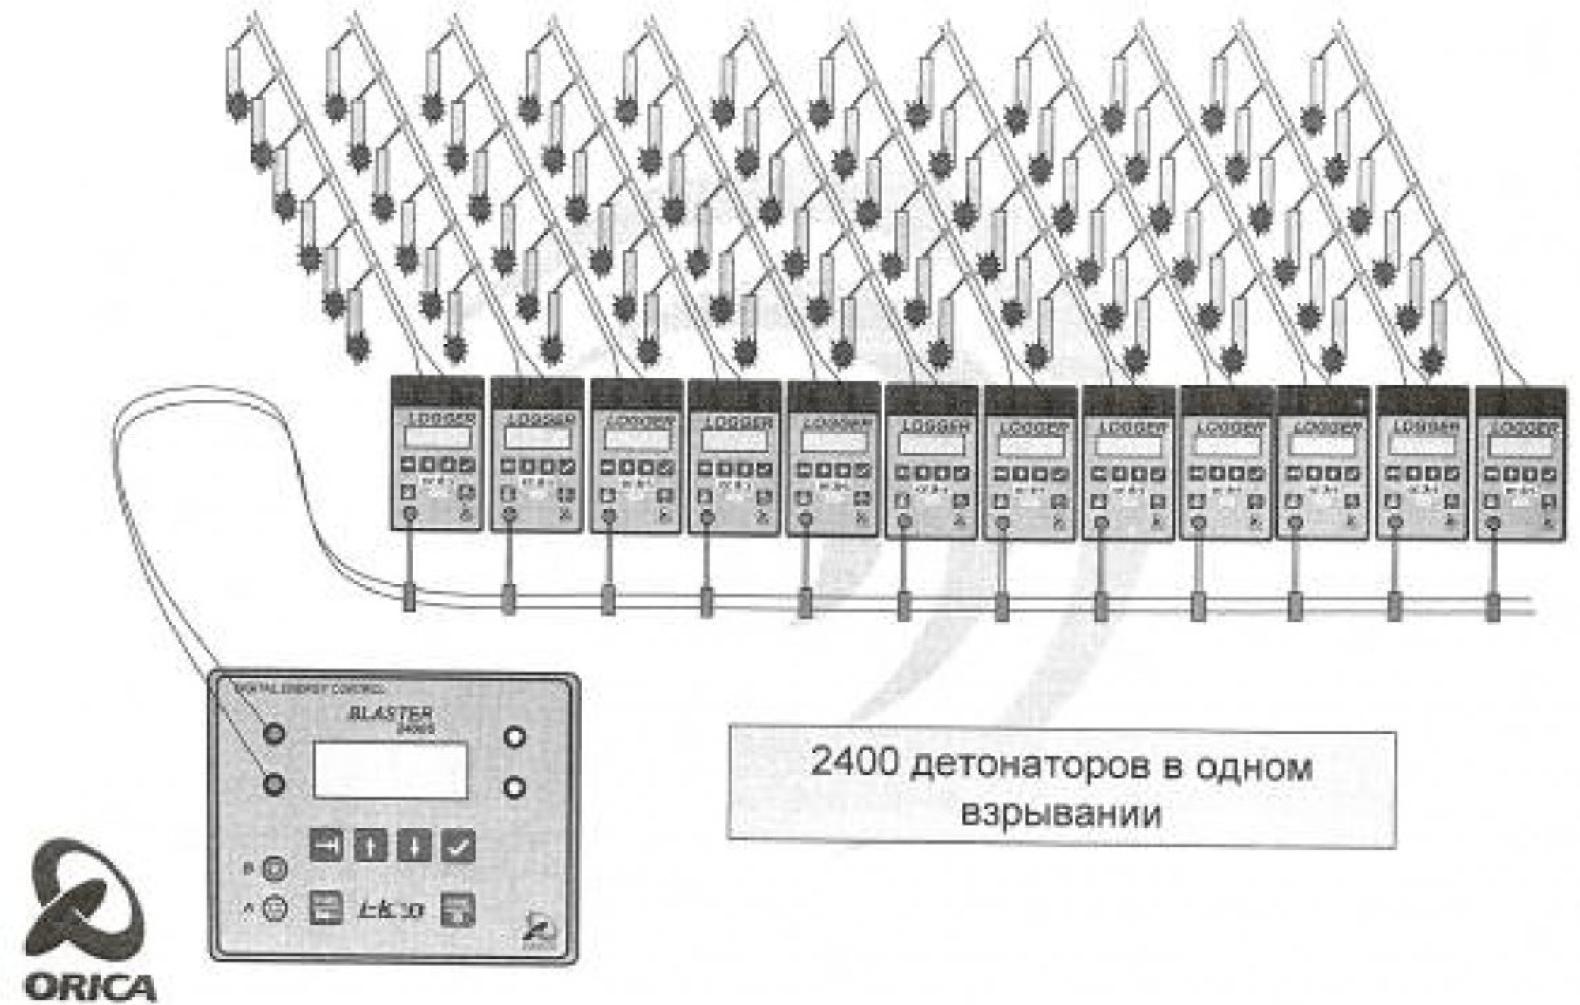 Рисунок 5 – Схема монтажа взрывной сети с использованием Логгеров и Бластера